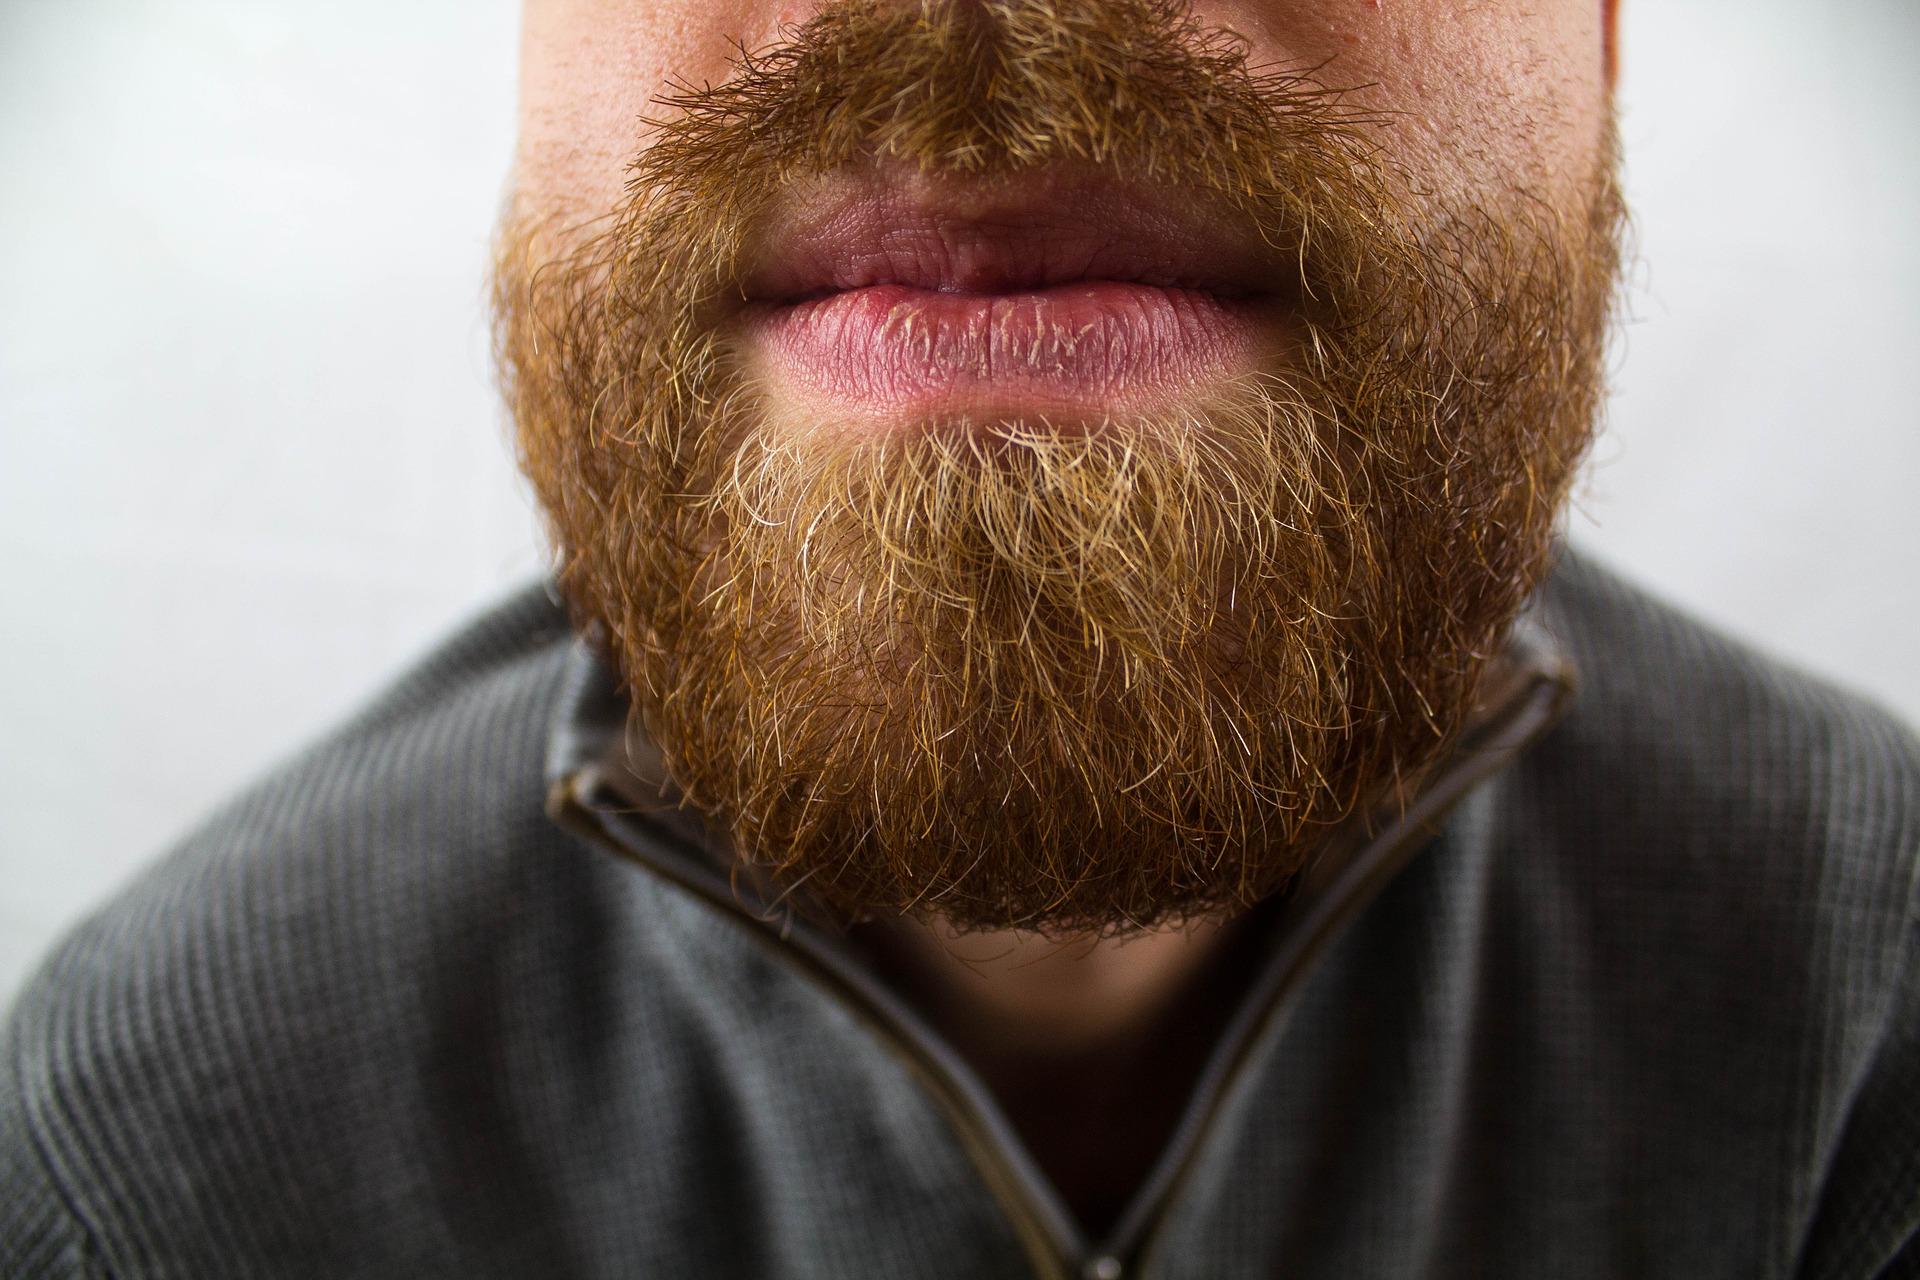 Imagem mostra em detalhe a barba de um homem.